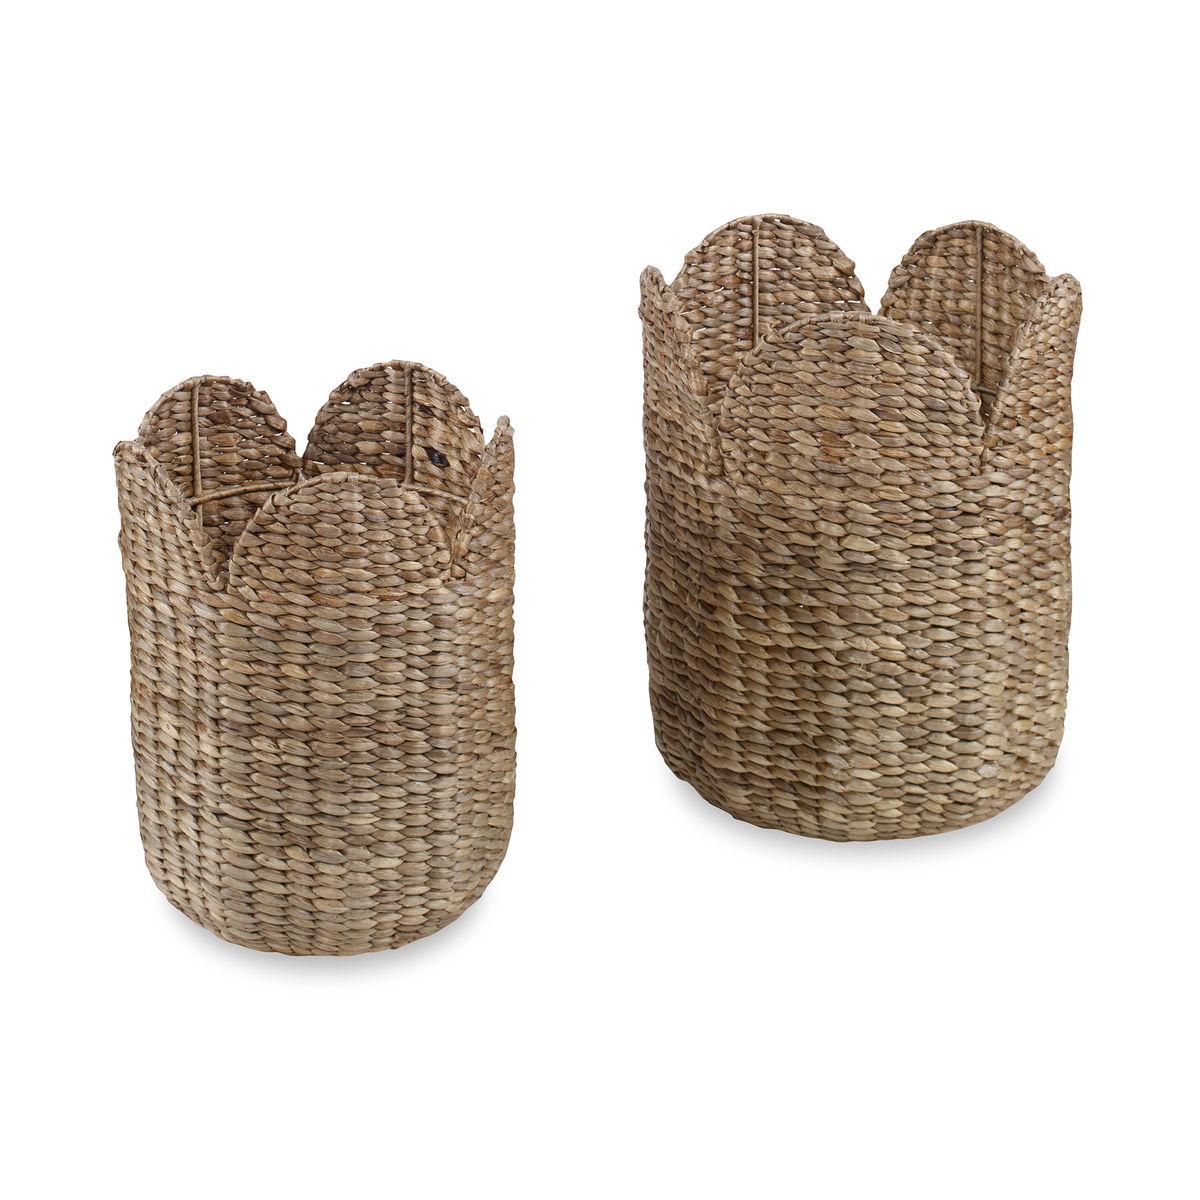 Breanne Baskets, Set Of 2